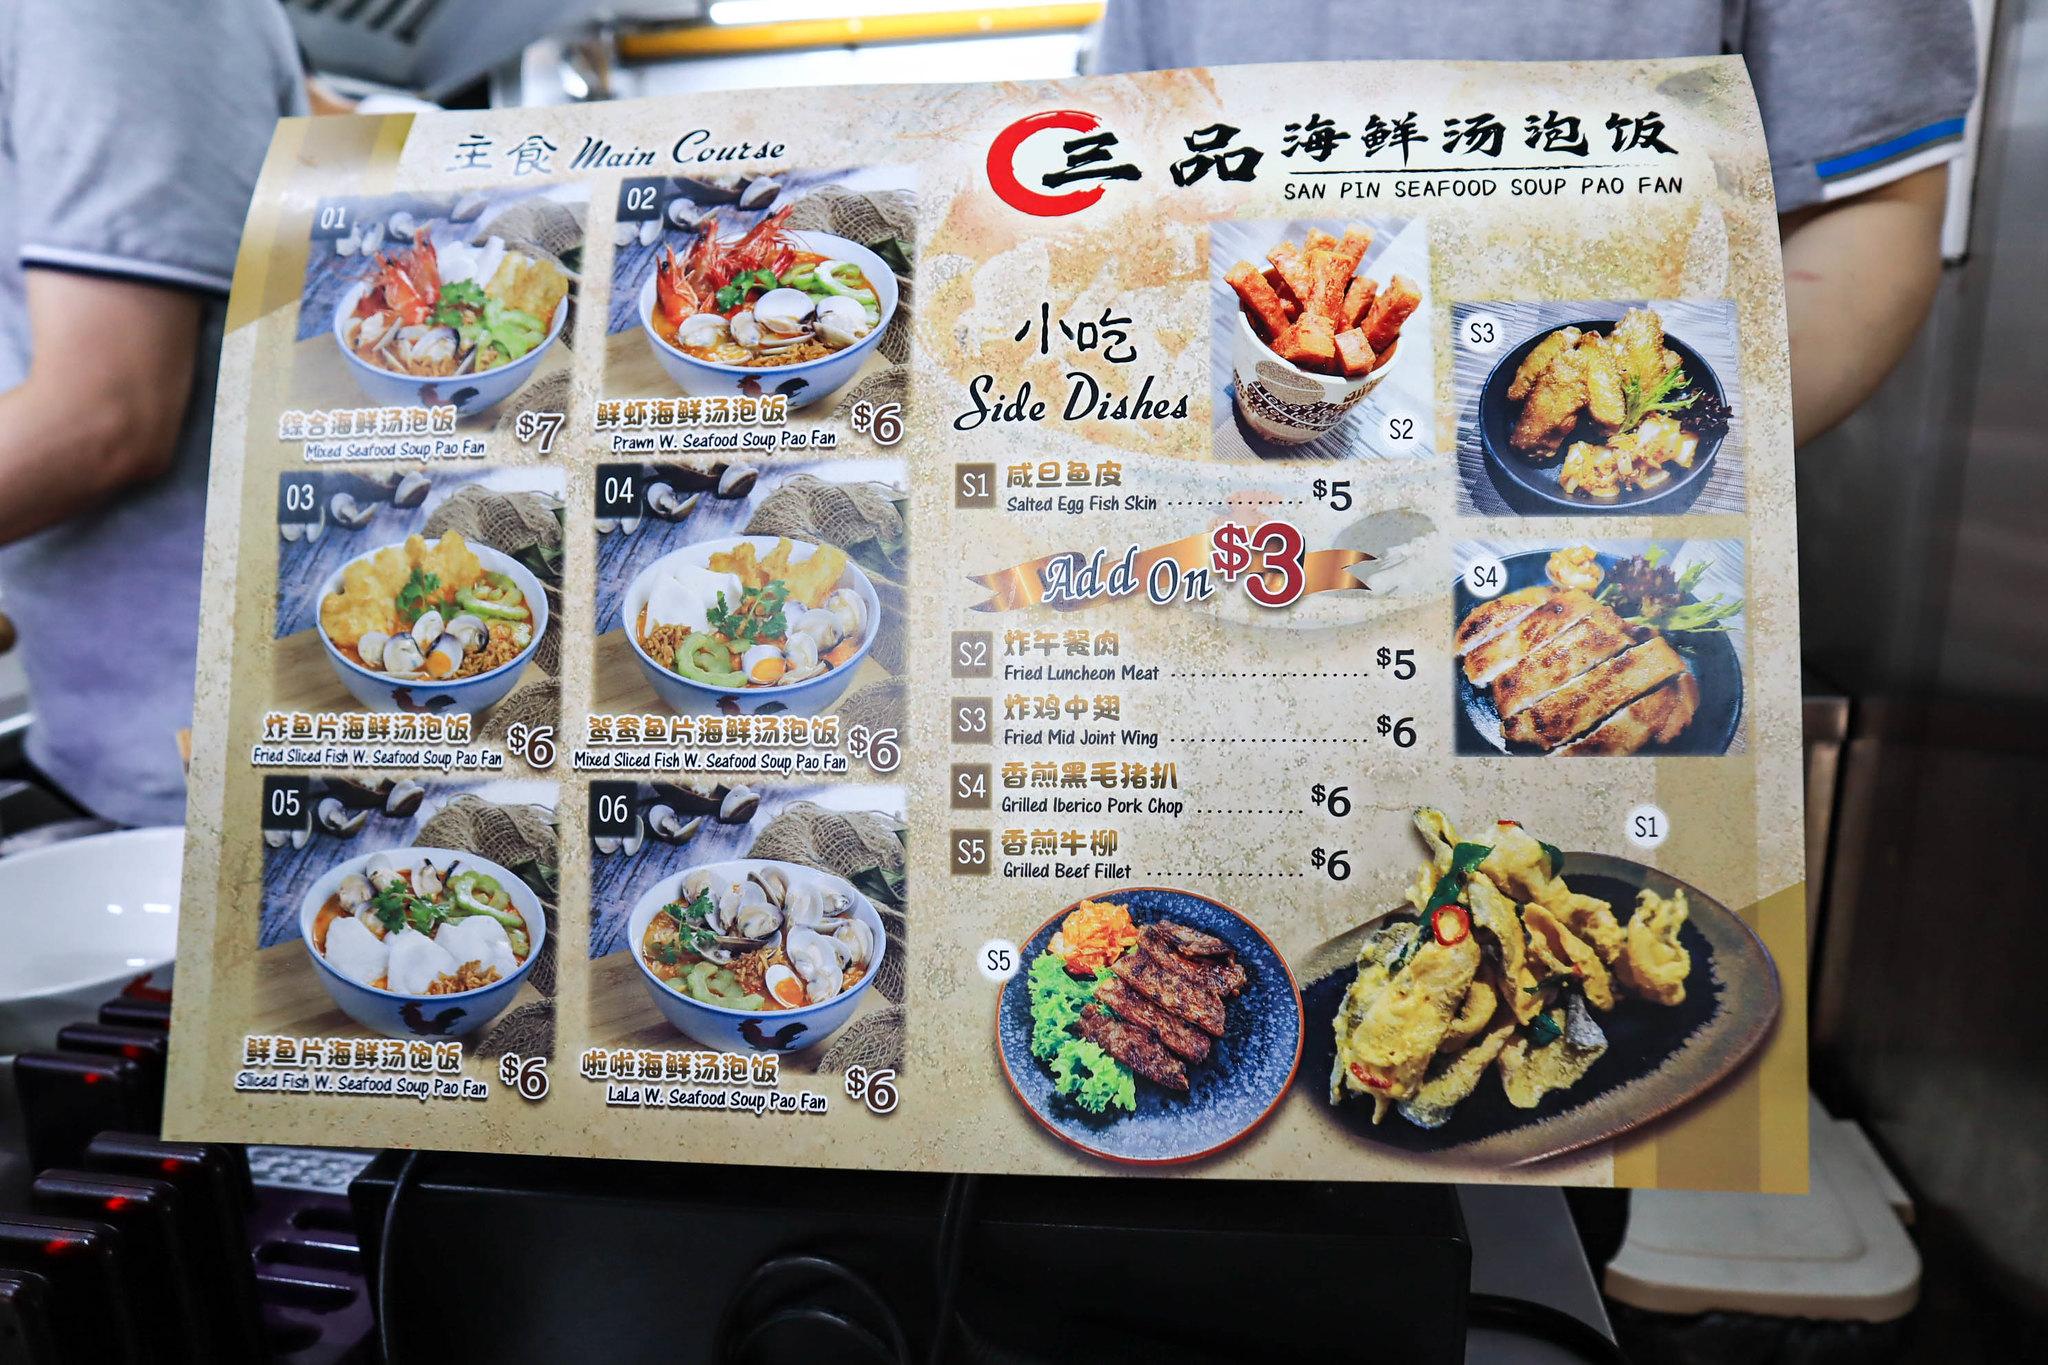 sanpinpaofan-menu